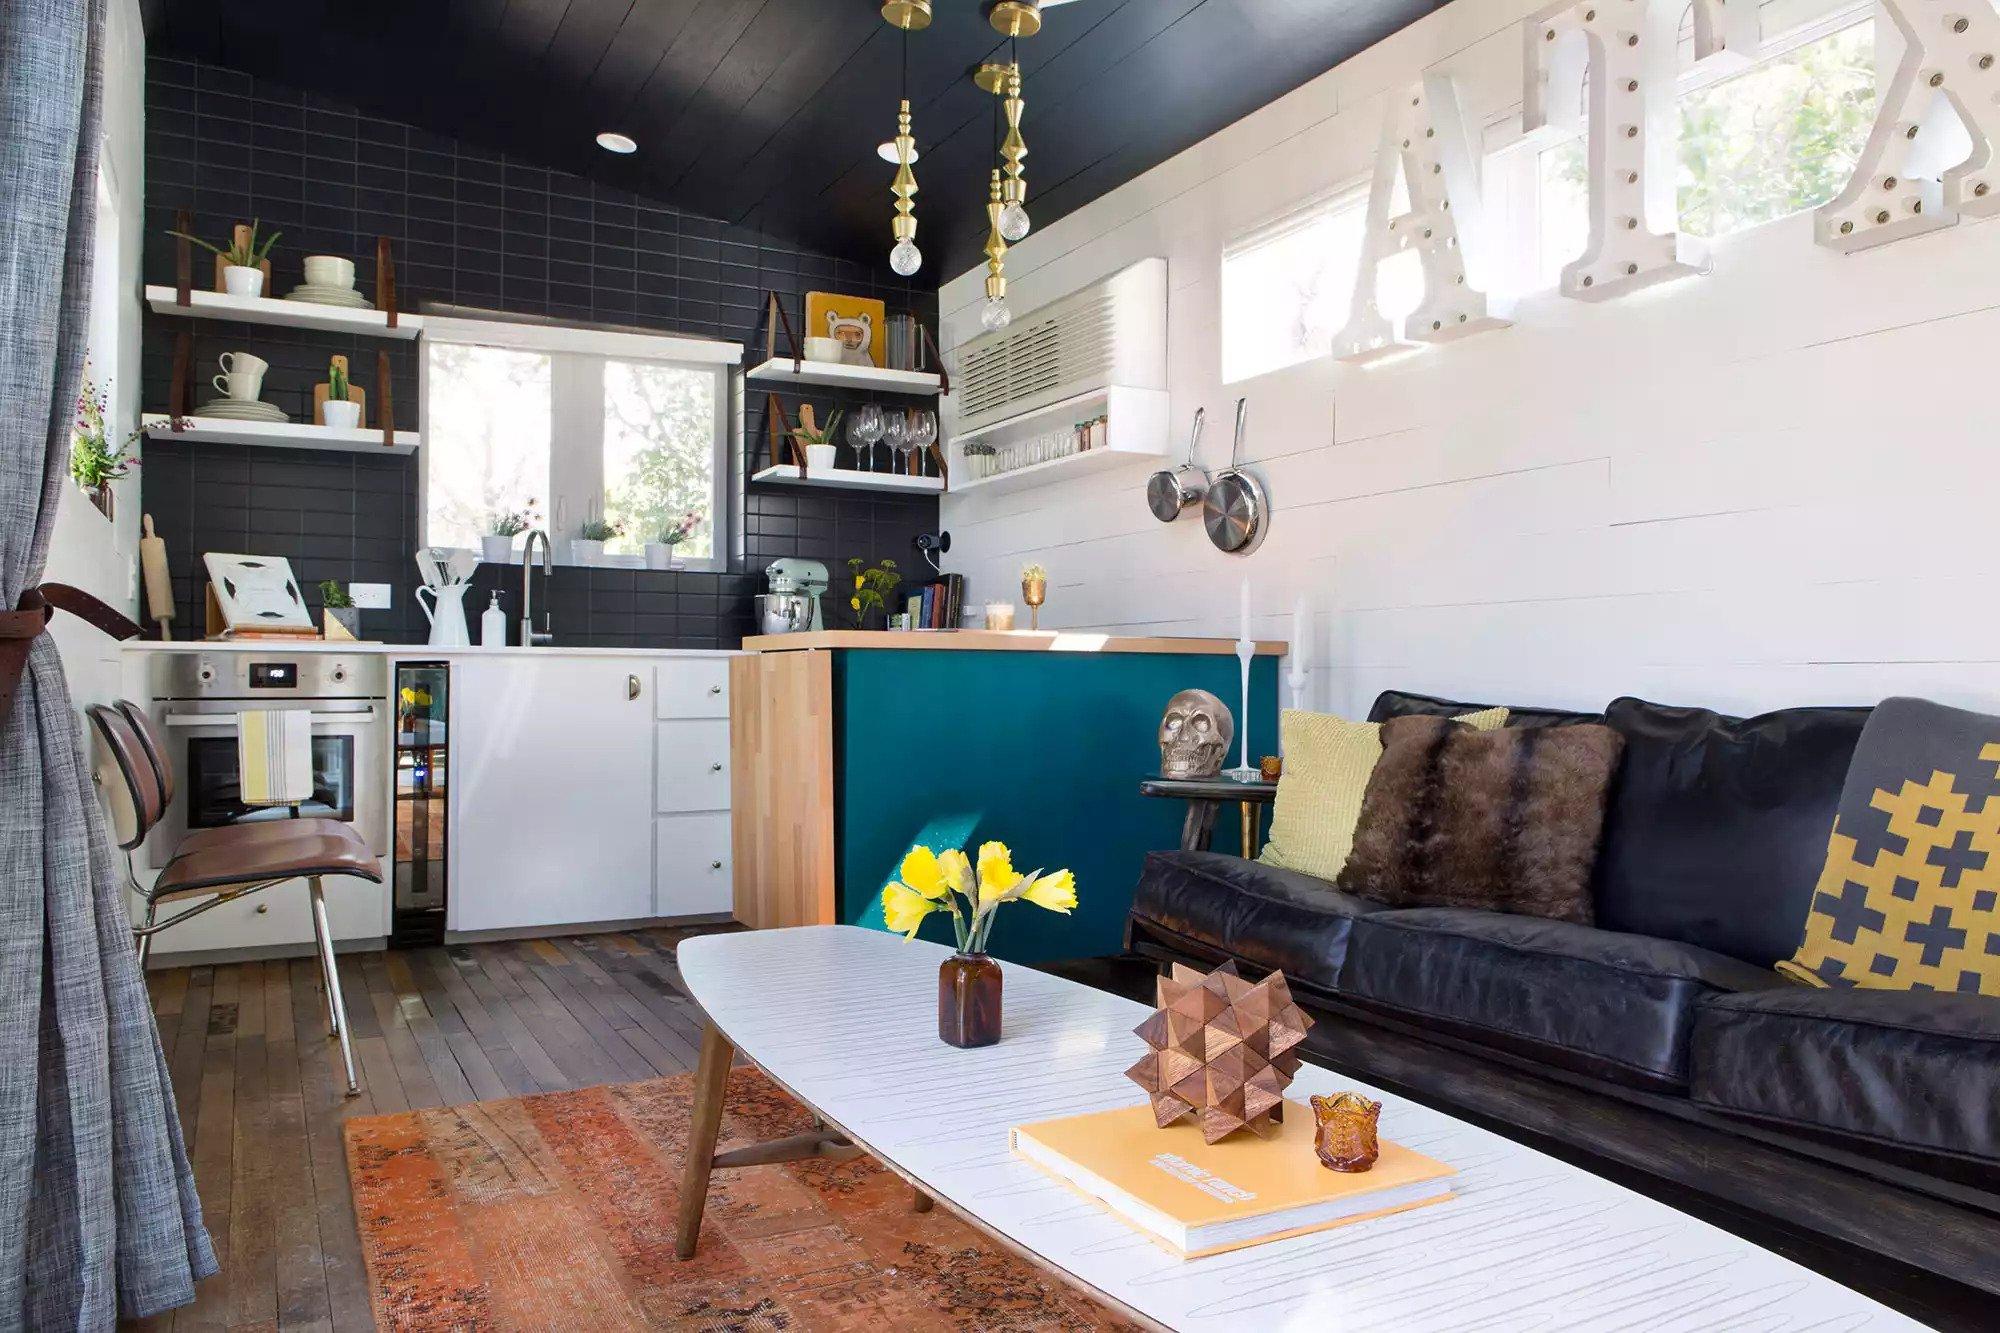 Petite maison avec un canapé en cuir noir